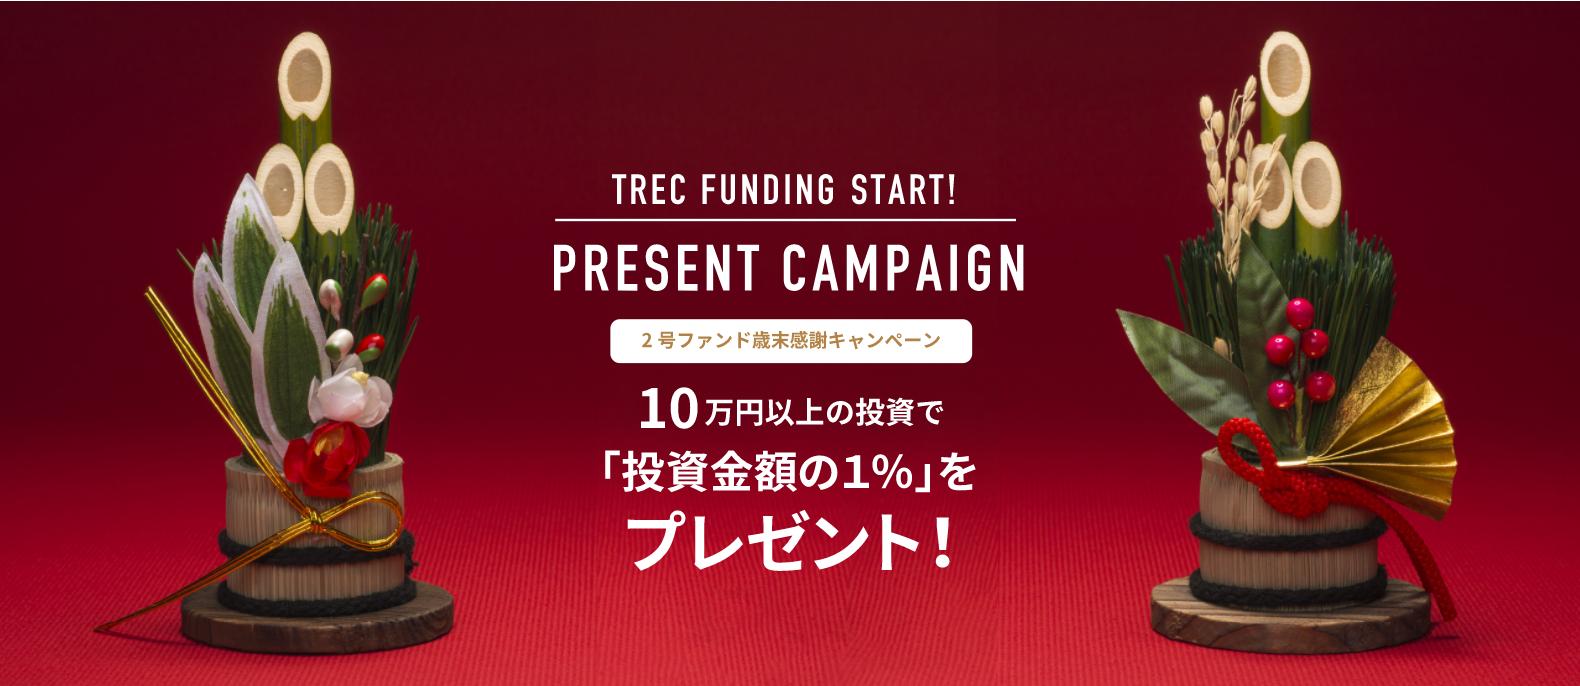 【TREC FUNDING】 10万円以上の投資で「投資金額の1%」を還元するキャンペーンを実施中!